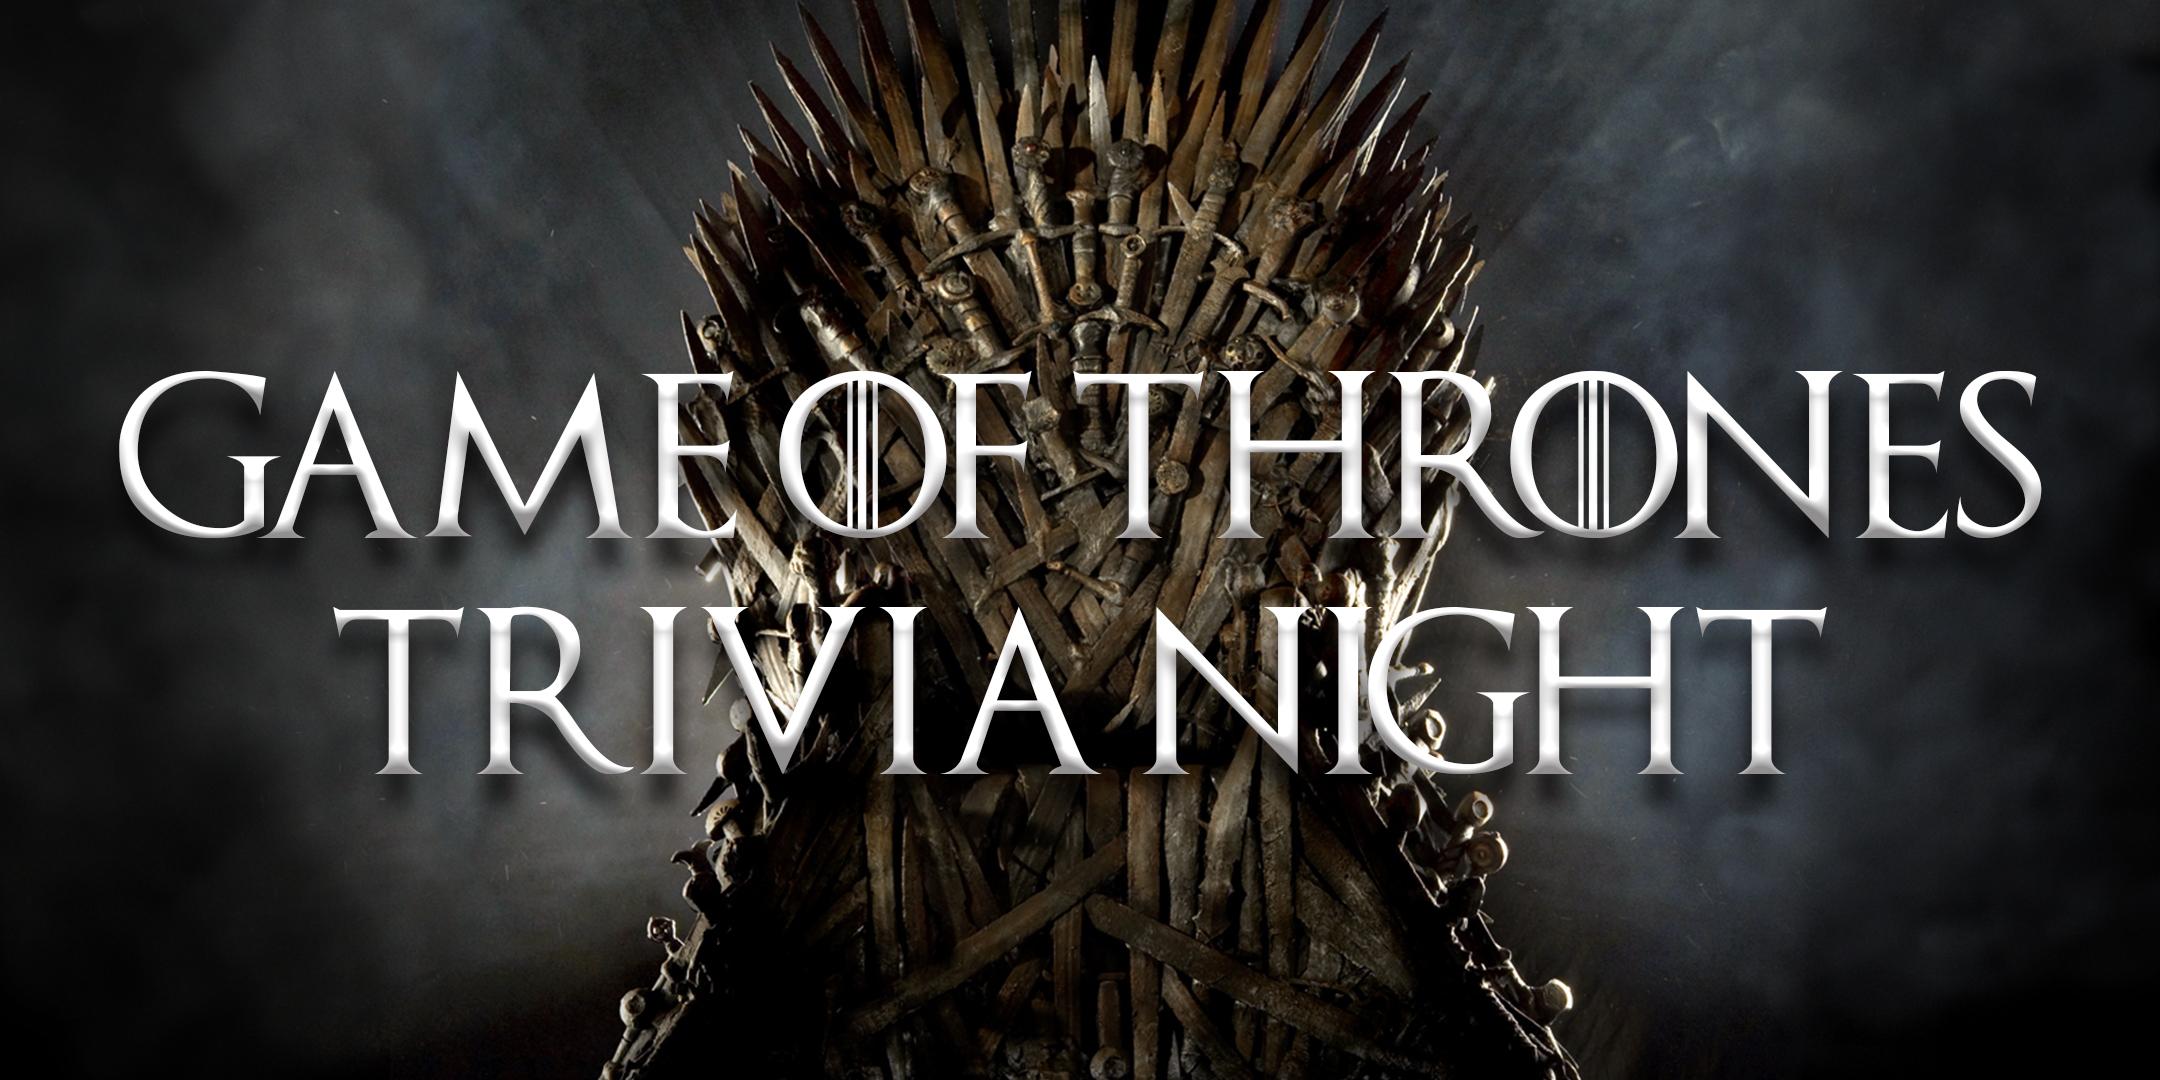 Game of Thrones Eventbrite .jpg